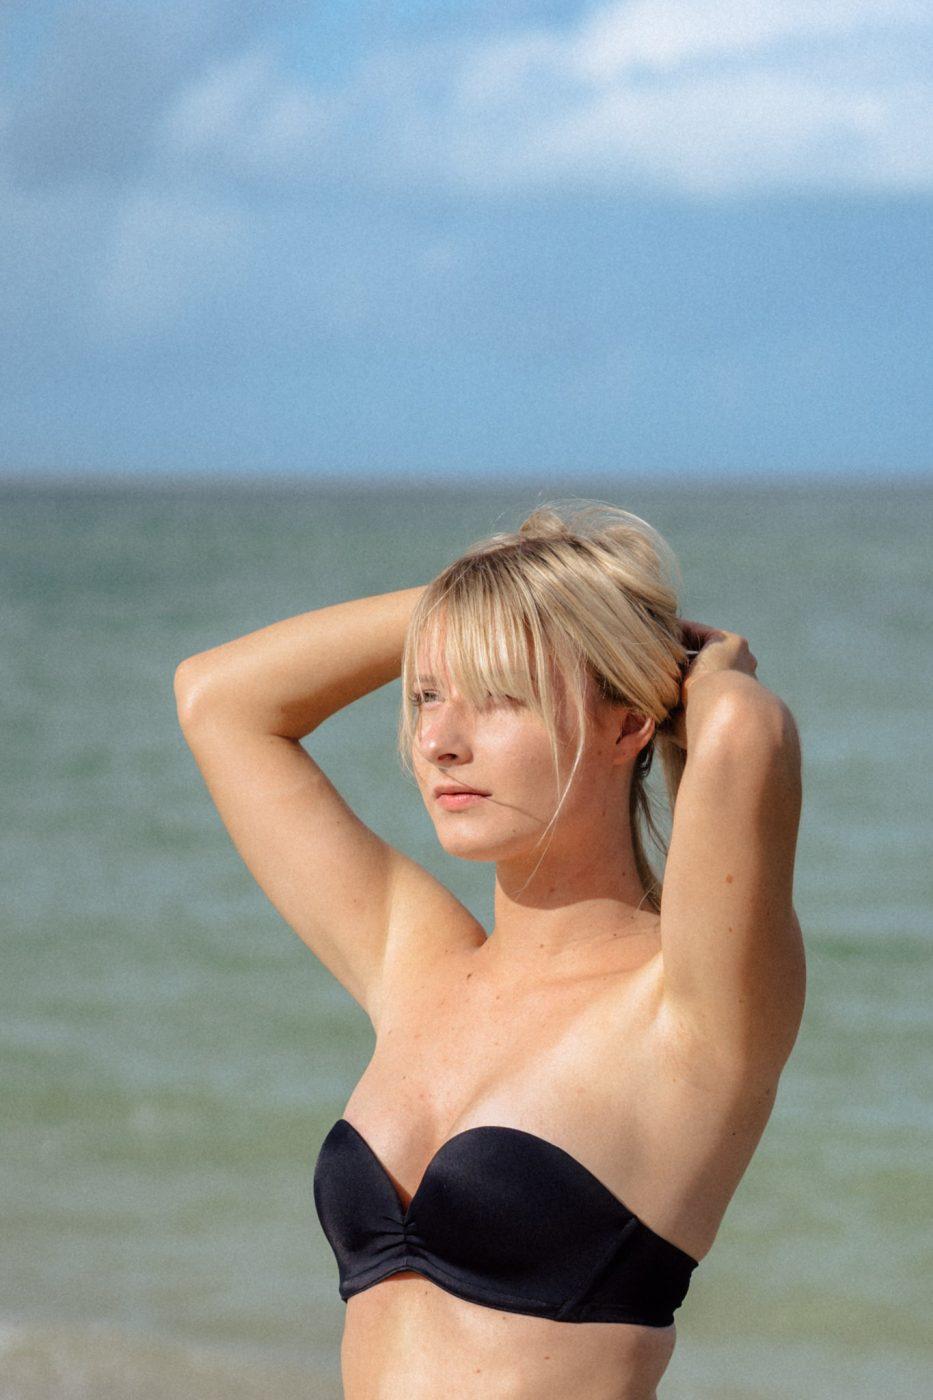 Upbra swimsuit top - Sweet Teal